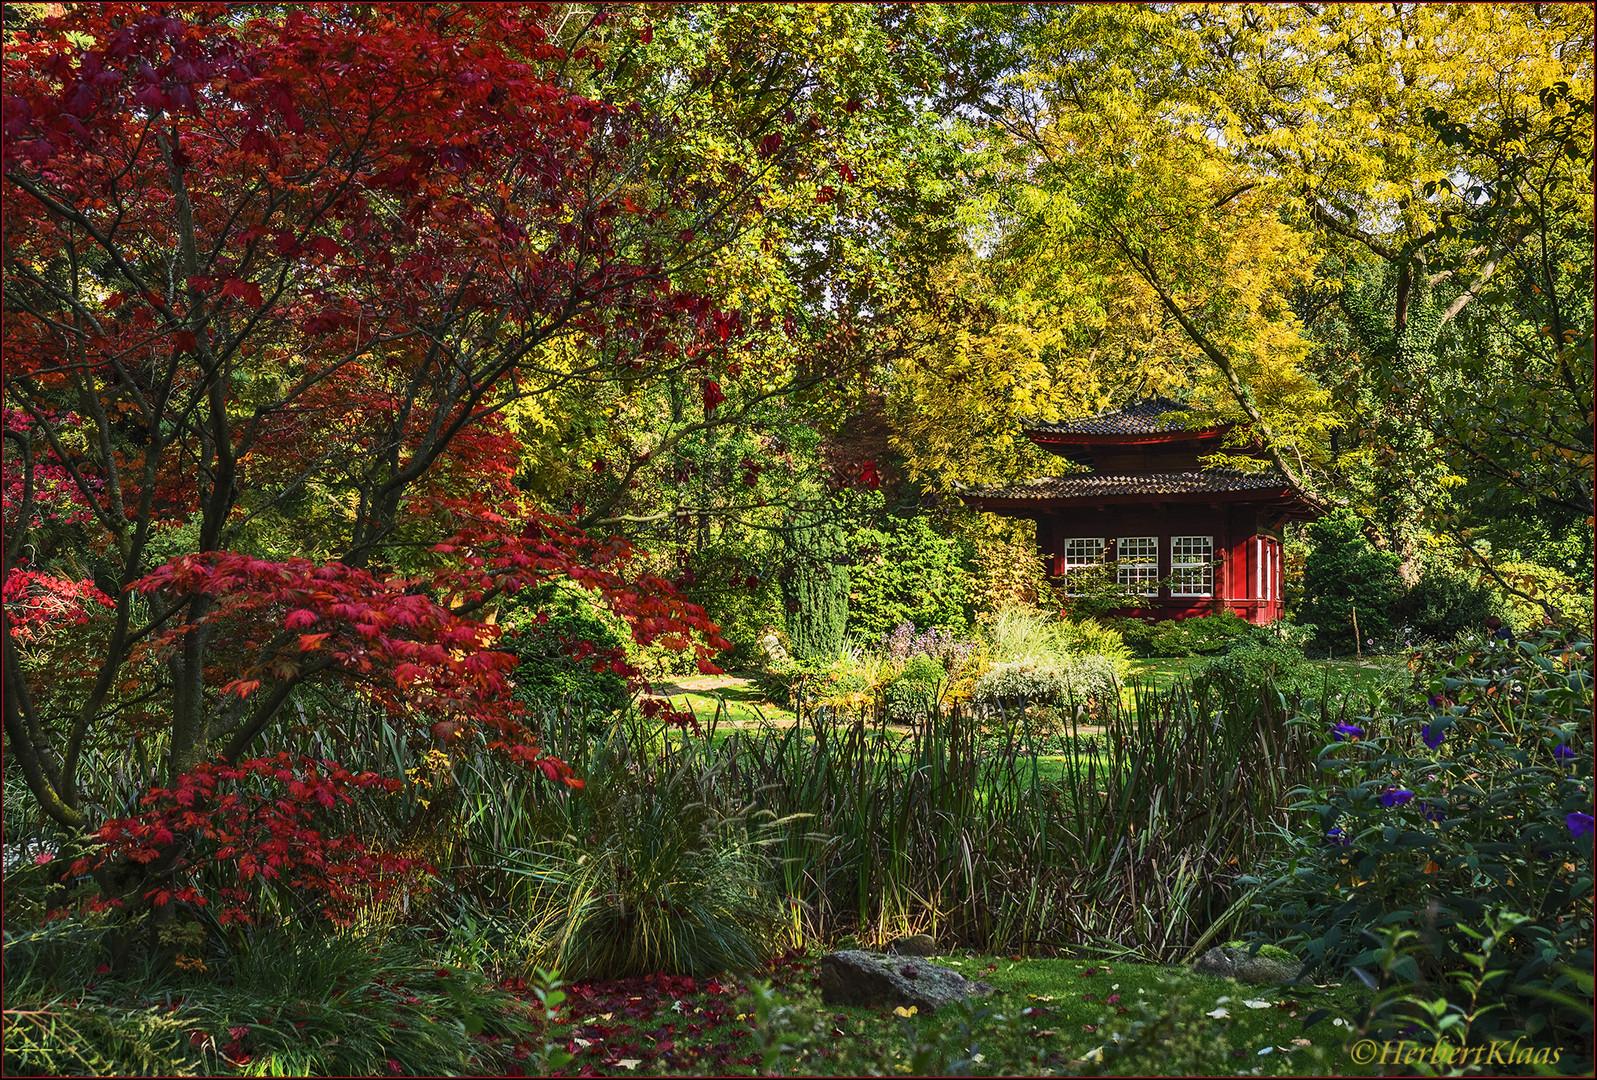 herbst im japanischen garten foto bild natur herbst landschaft bilder auf fotocommunity. Black Bedroom Furniture Sets. Home Design Ideas